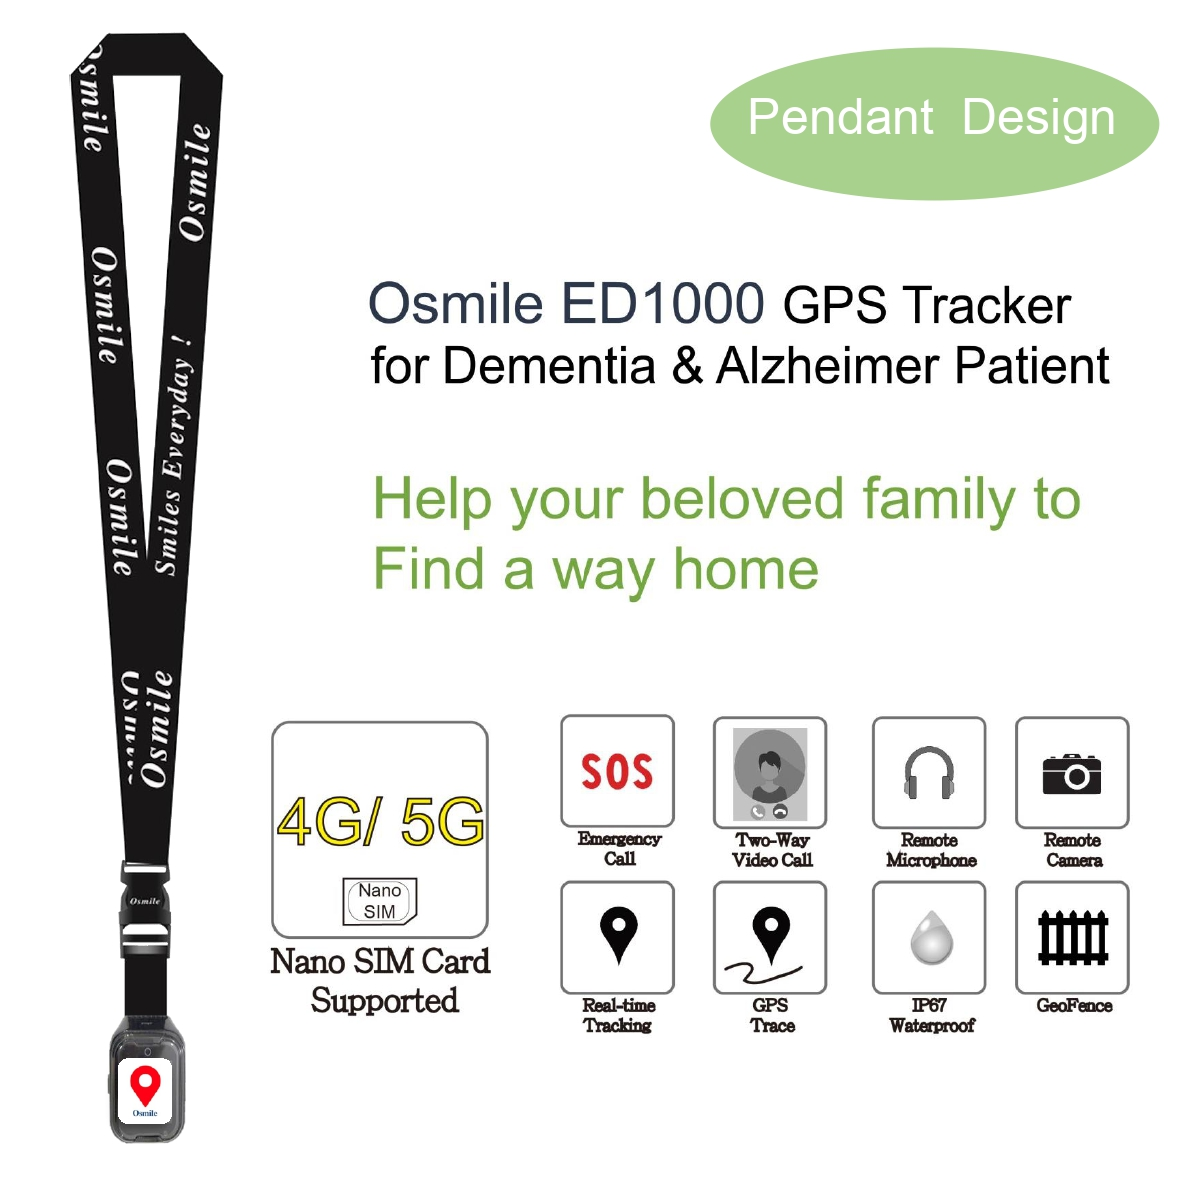 Osmile ED1000 GPS Tracker for dementia & Alzheimer Pendant-1 (GPS Tracker Pendant)